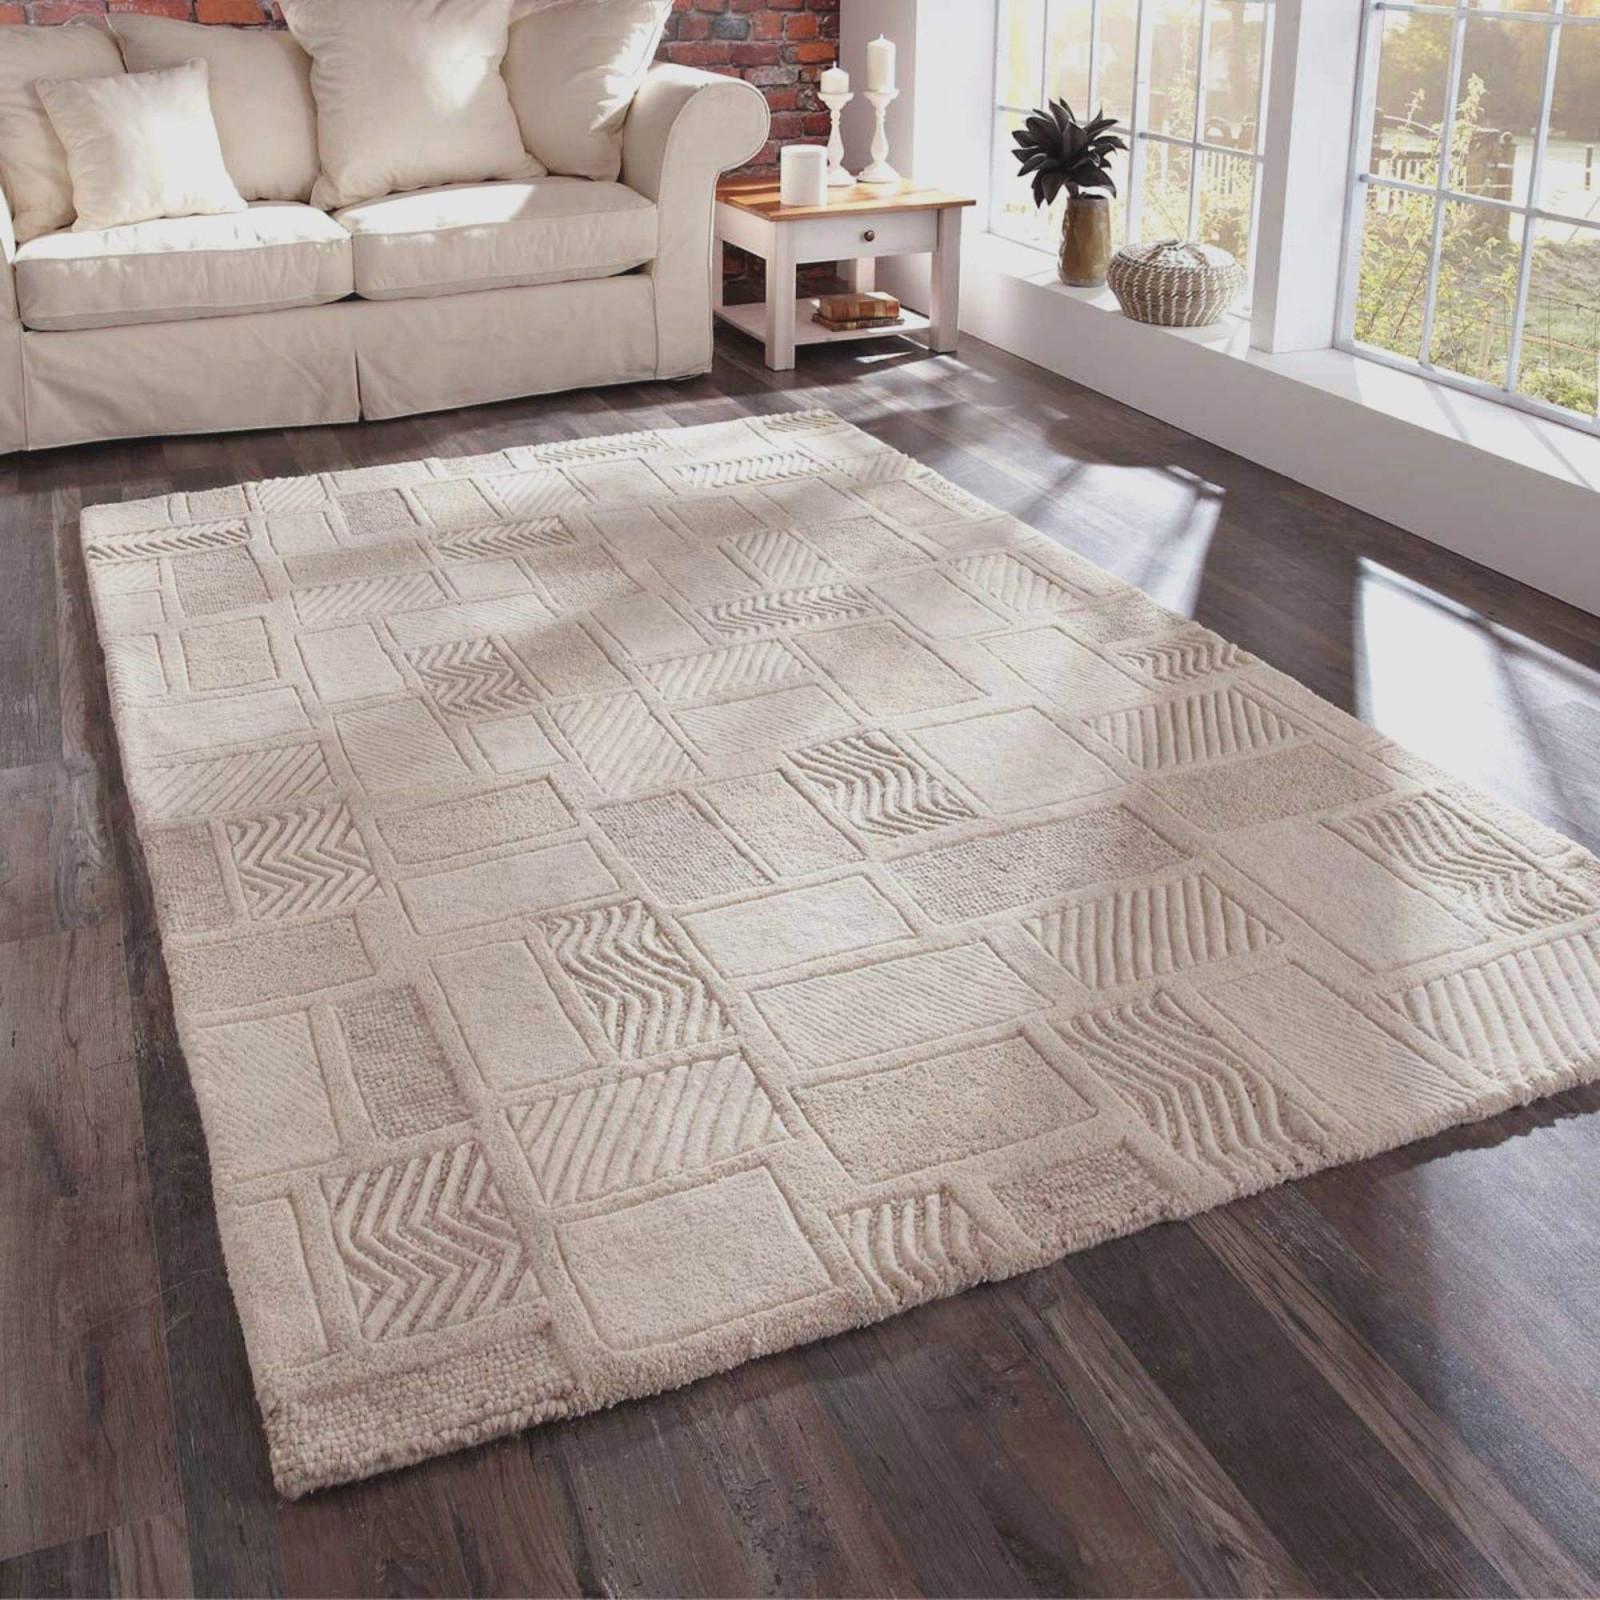 31 Elegant Wohnzimmer Teppich 200×300 Reizend  Wohnzimmer von Wohnzimmer Teppich 200X300 Bild